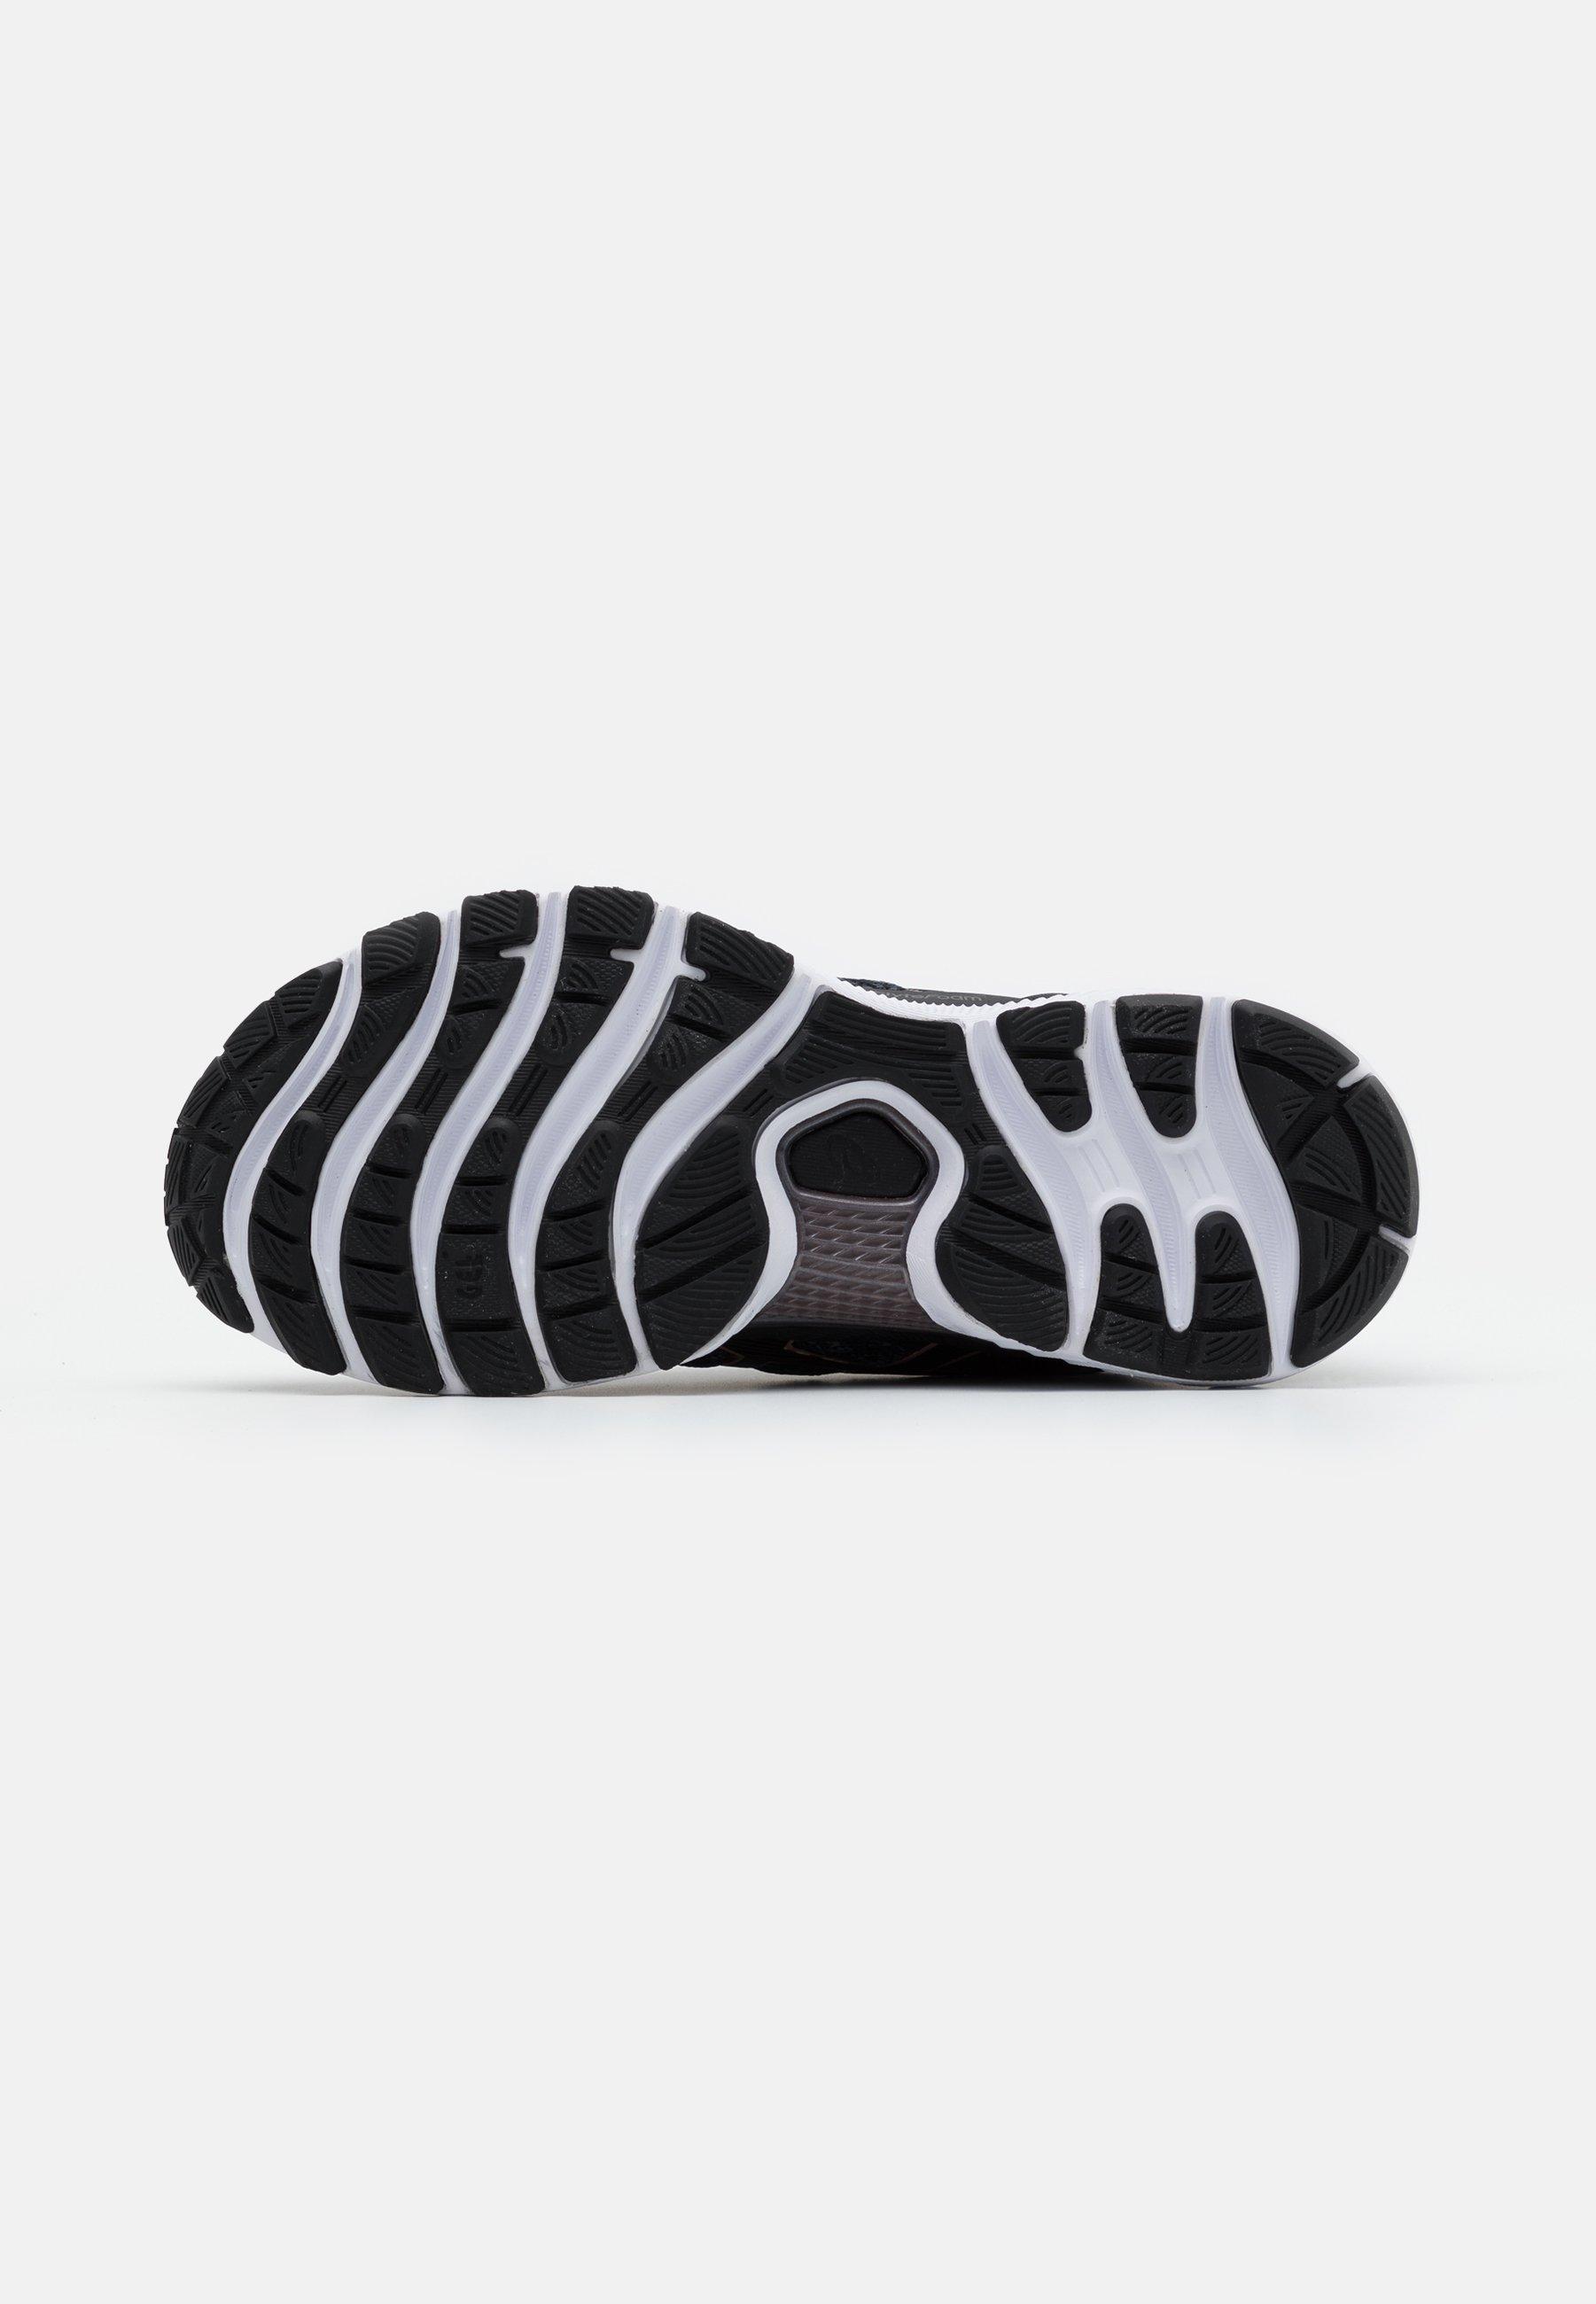 GEL NIMBUS 22 Hardloopschoenen neutraal black